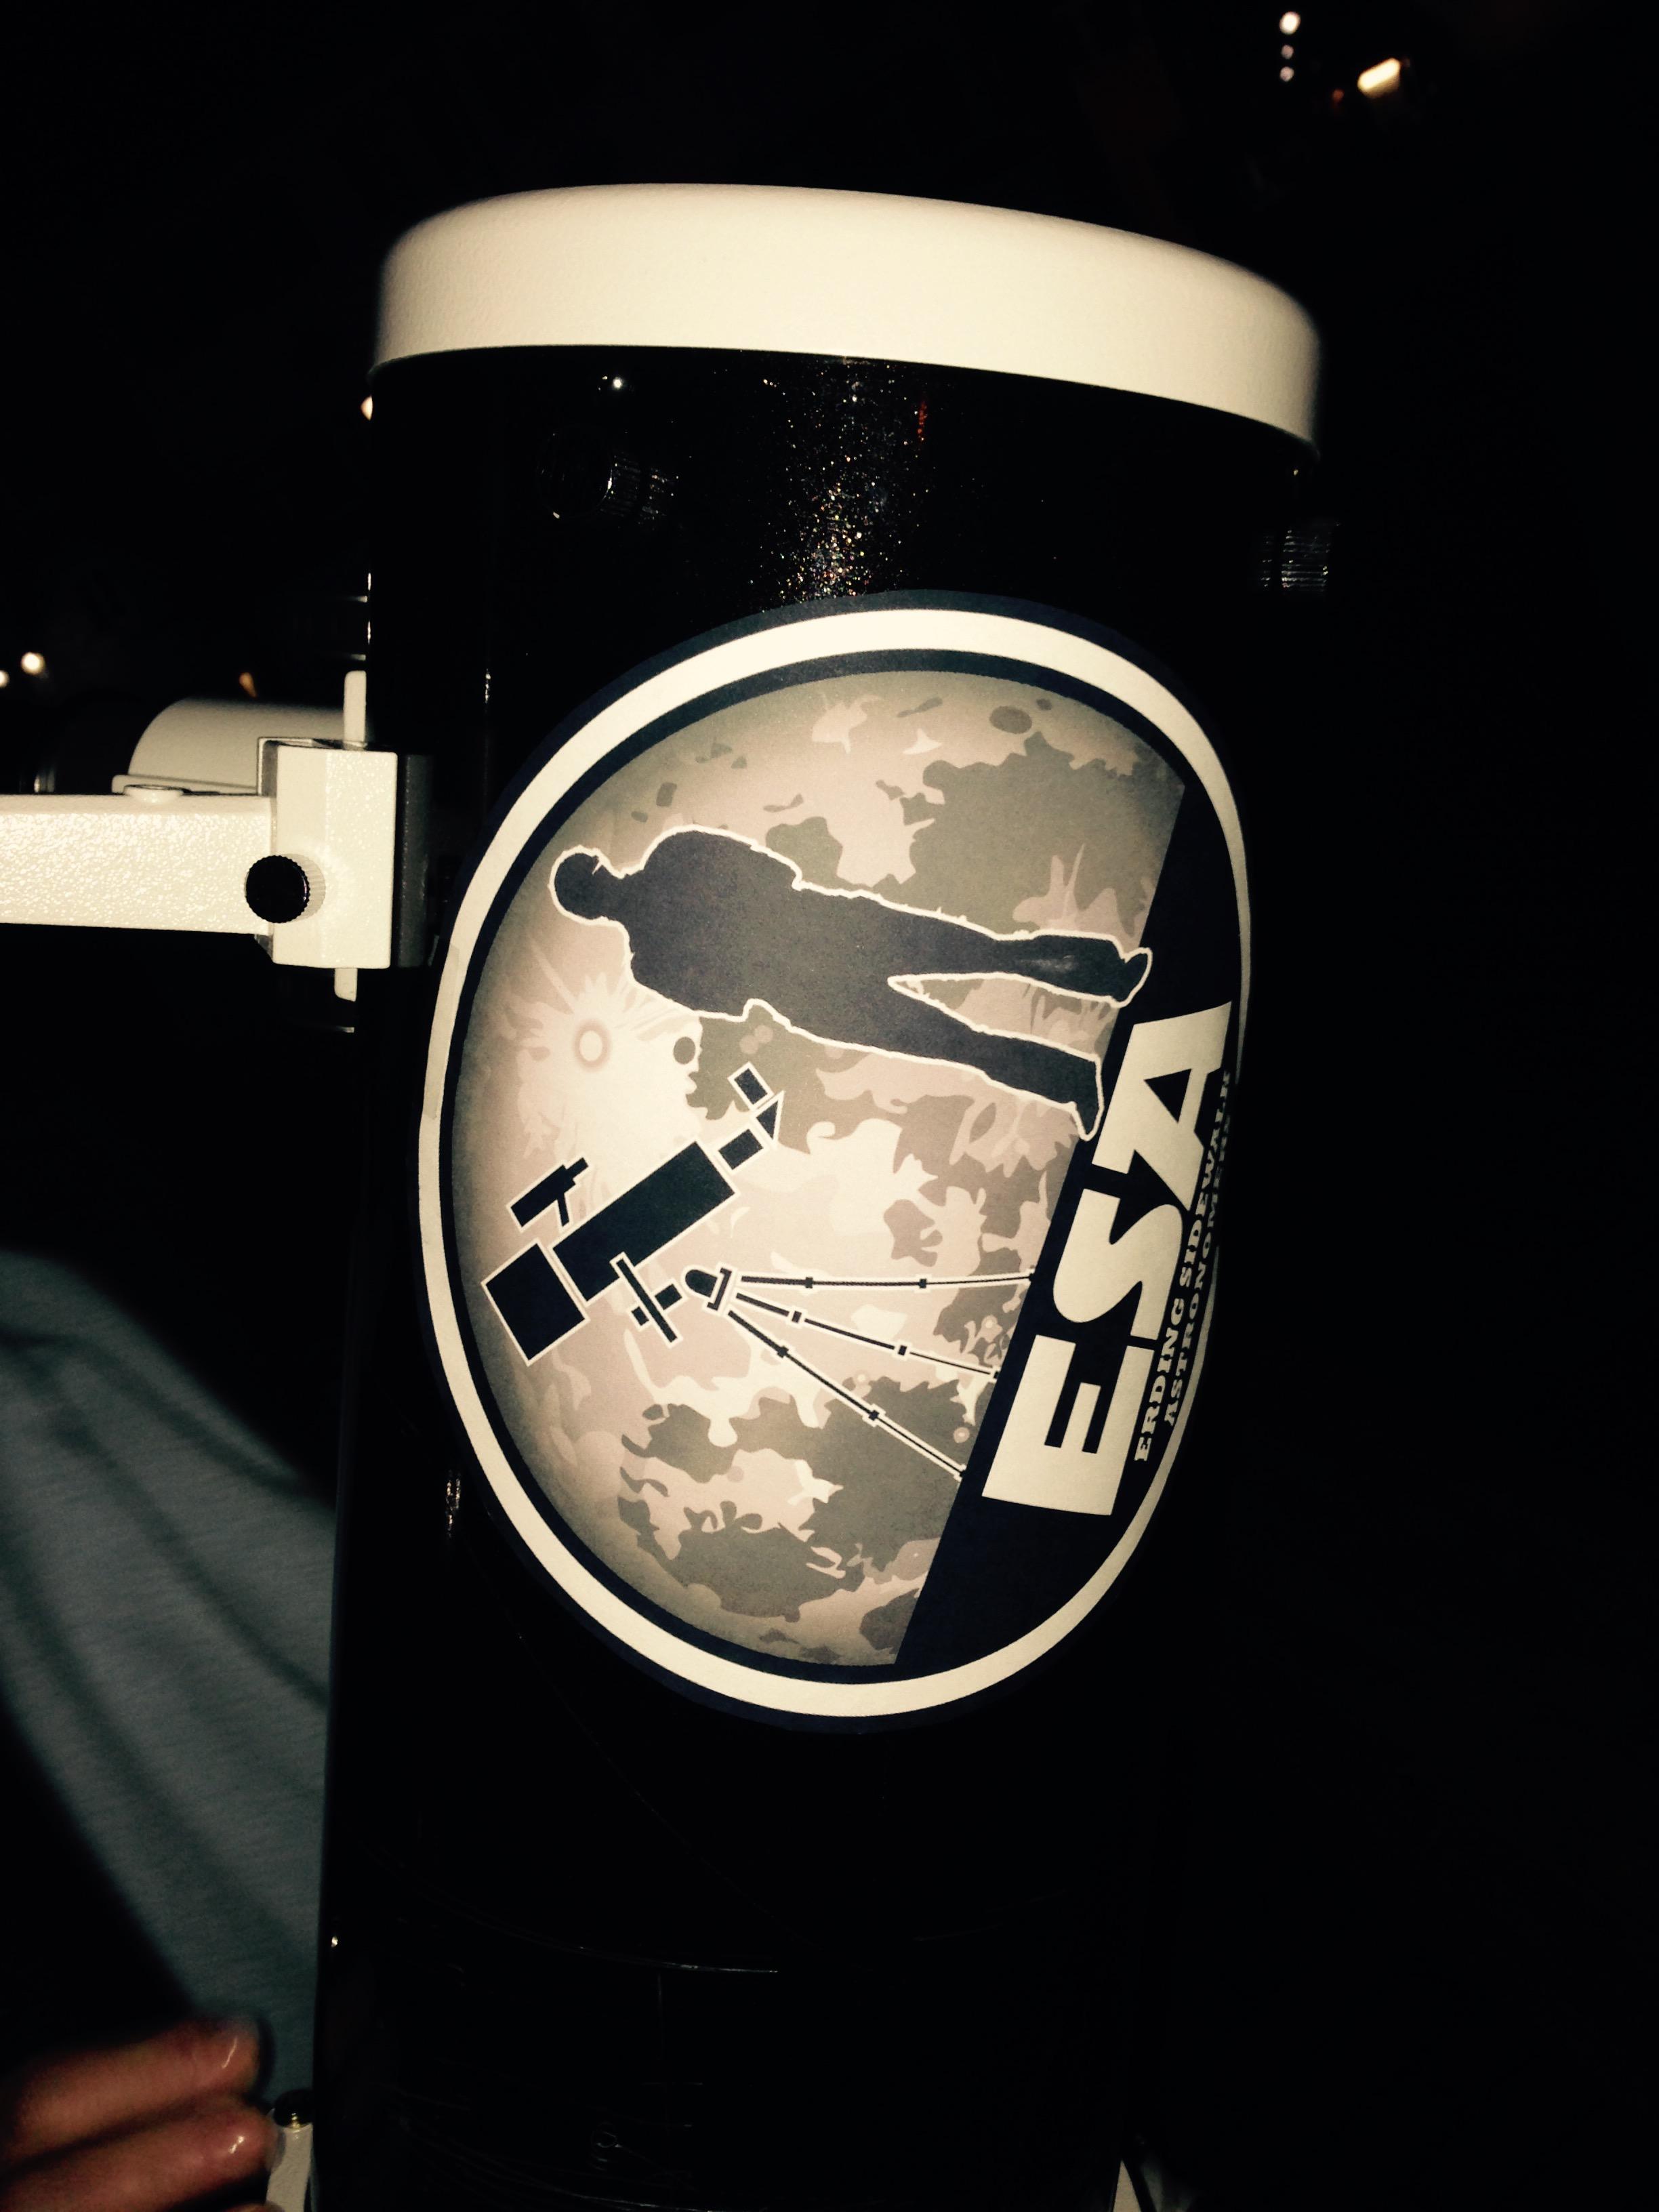 Unsere Logo auf dem Teleskop!